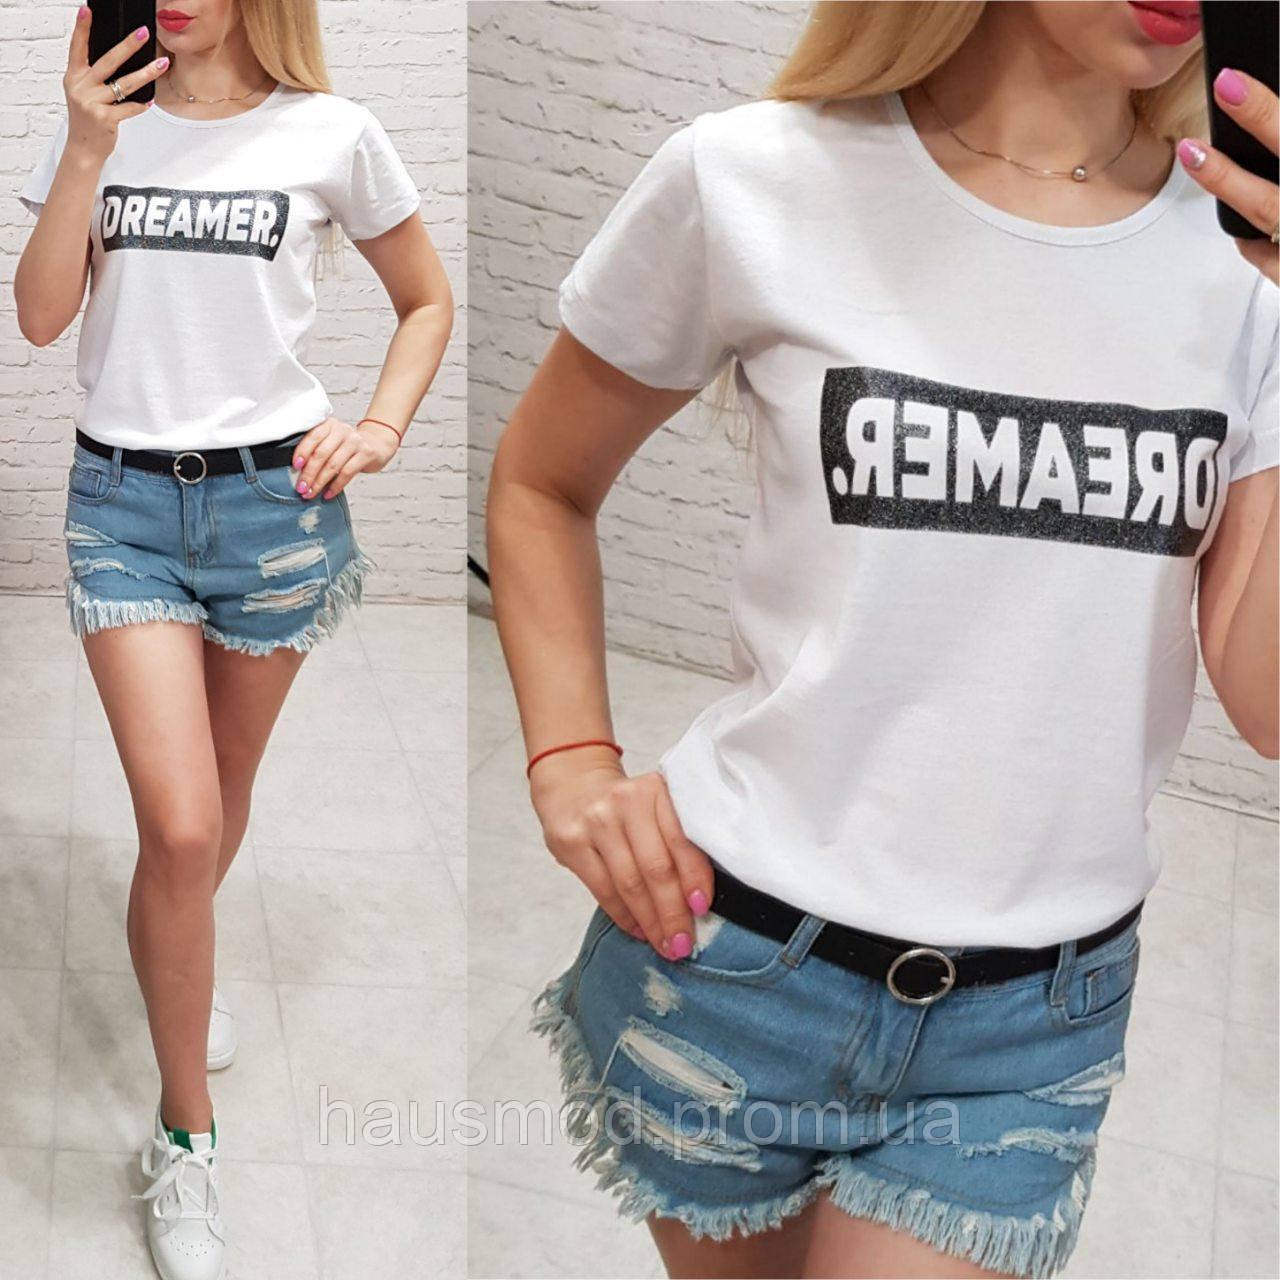 Женская футболка летняя качество Dreamer турция 100% катон цвет белый